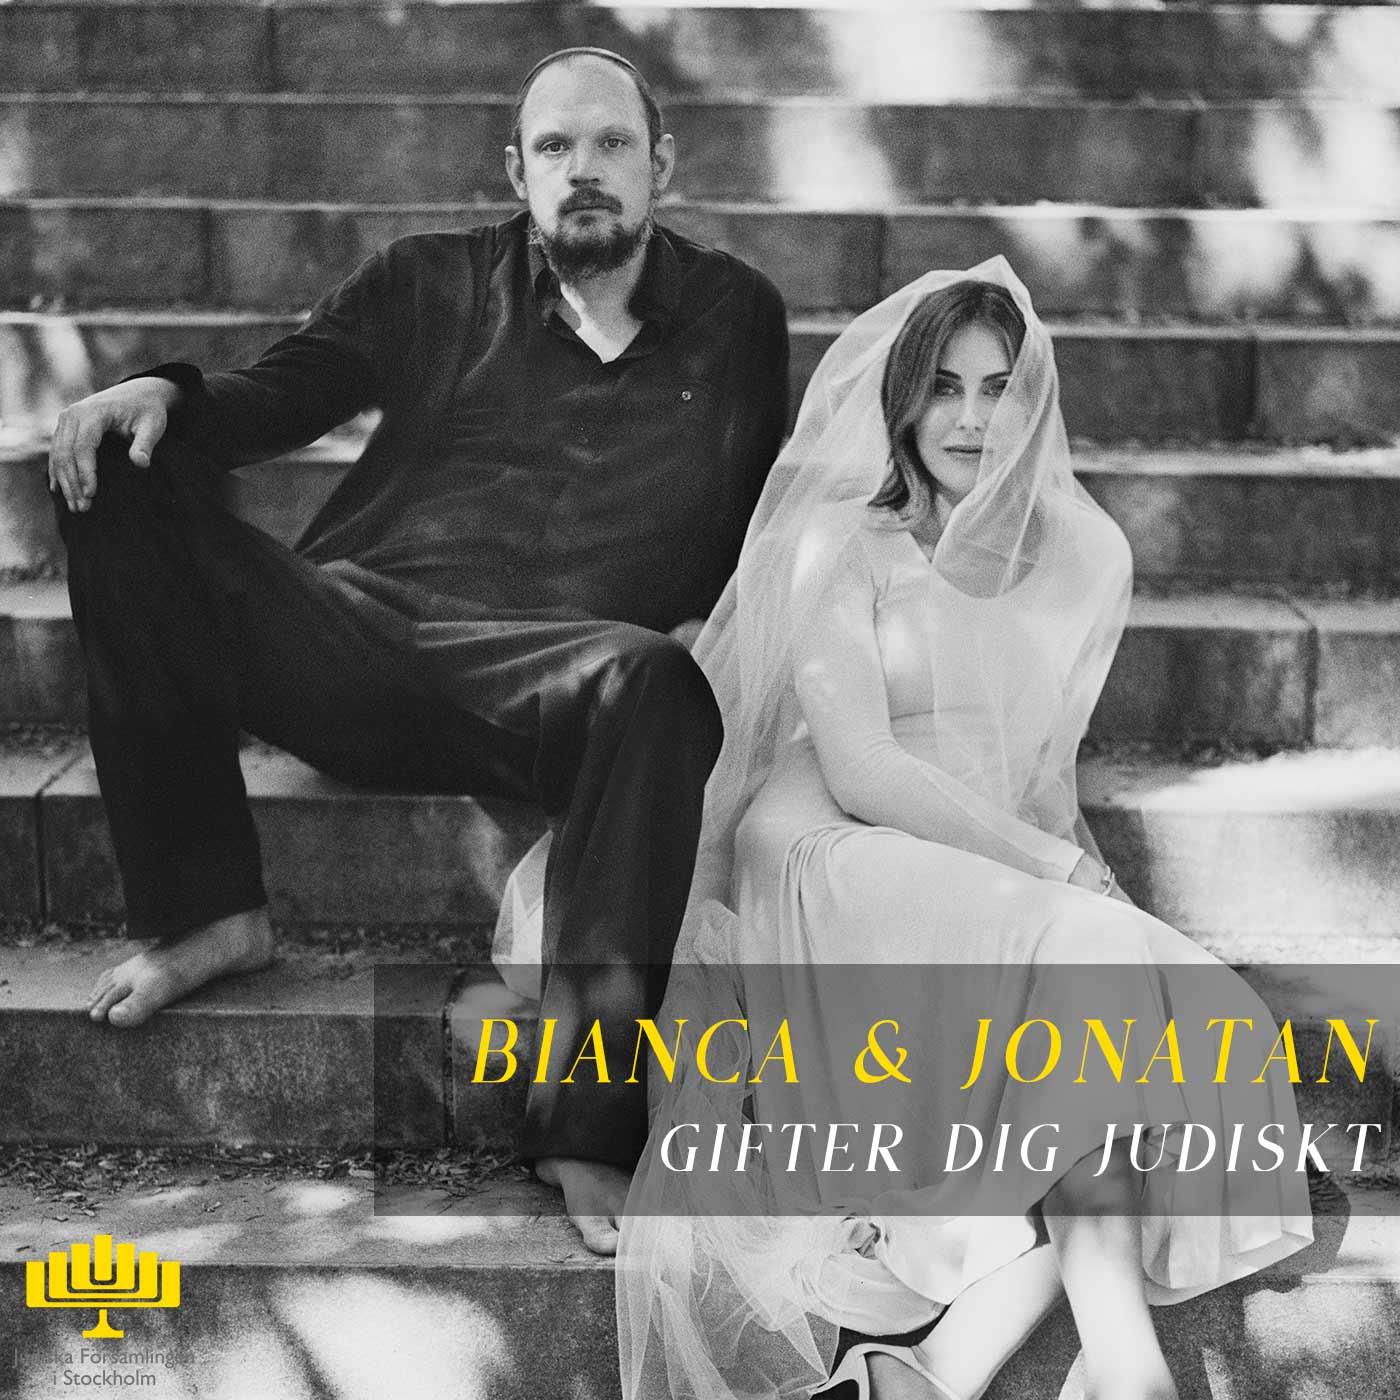 Bianca och Jonatan gifter dig judiskt